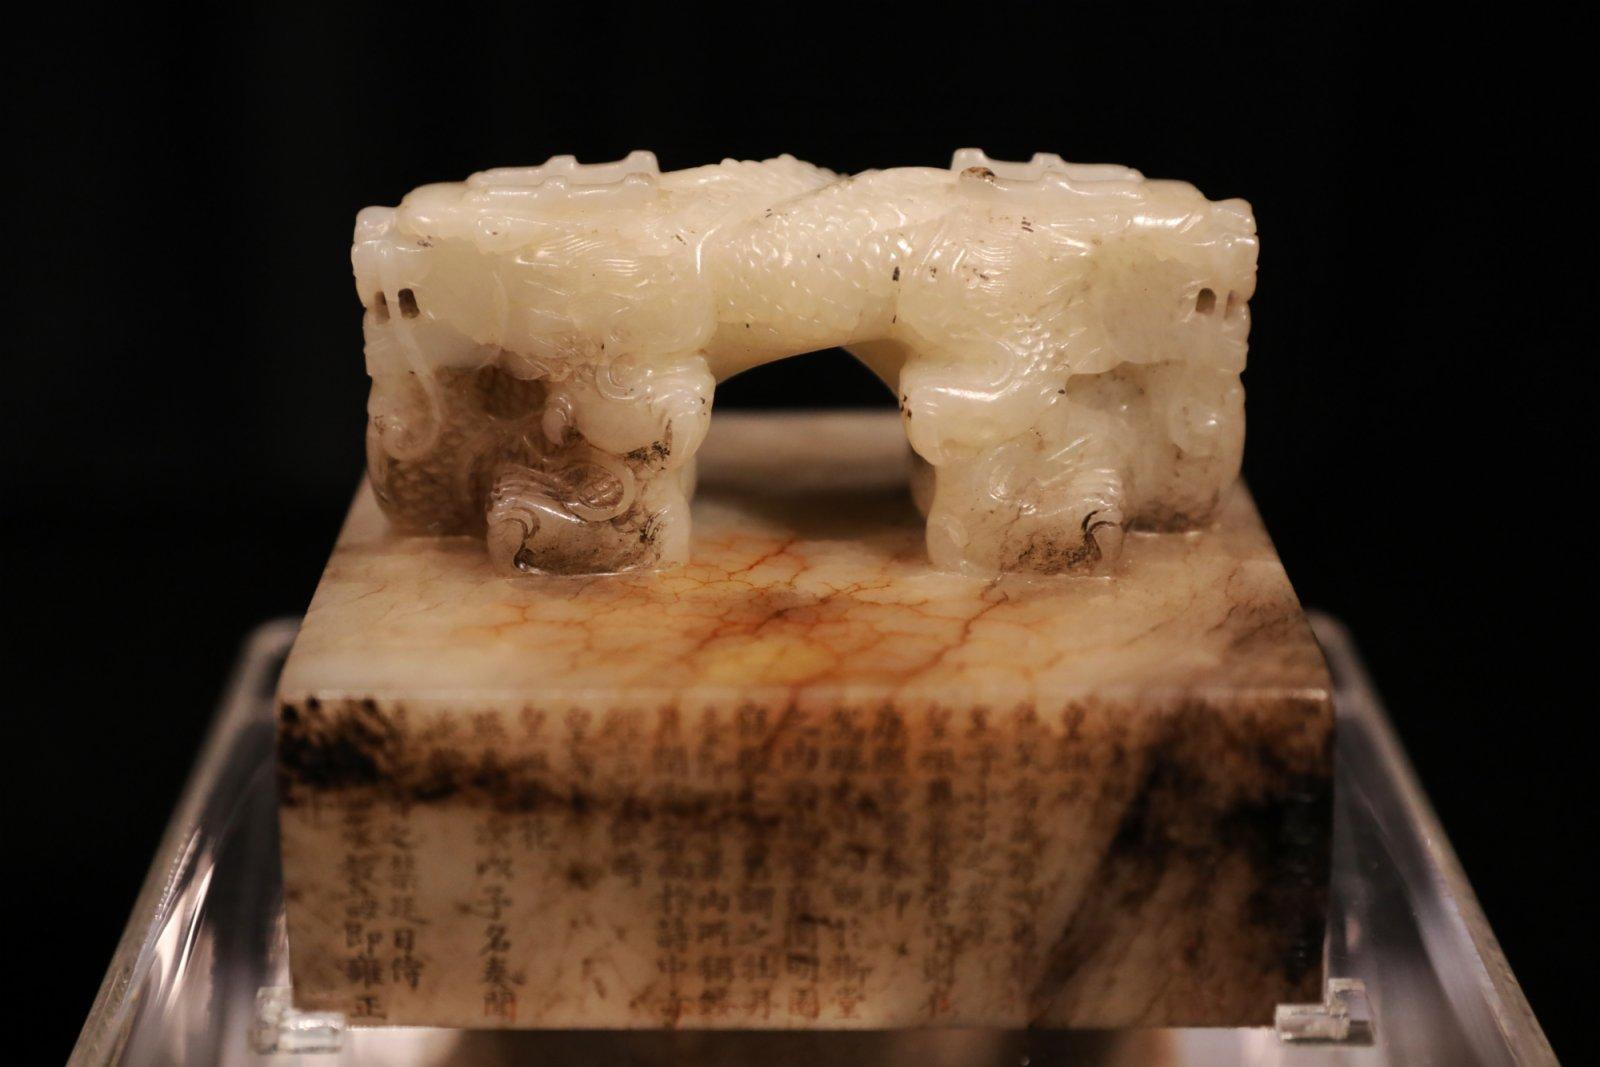 圖為本次三方璽中估值最高的,也是拍賣史上估價最高的乾隆帝御寶交龍鈕白玉璽,估價1.25億至1.8億元,這方璽不同之處在於璽體側面都有刻字。